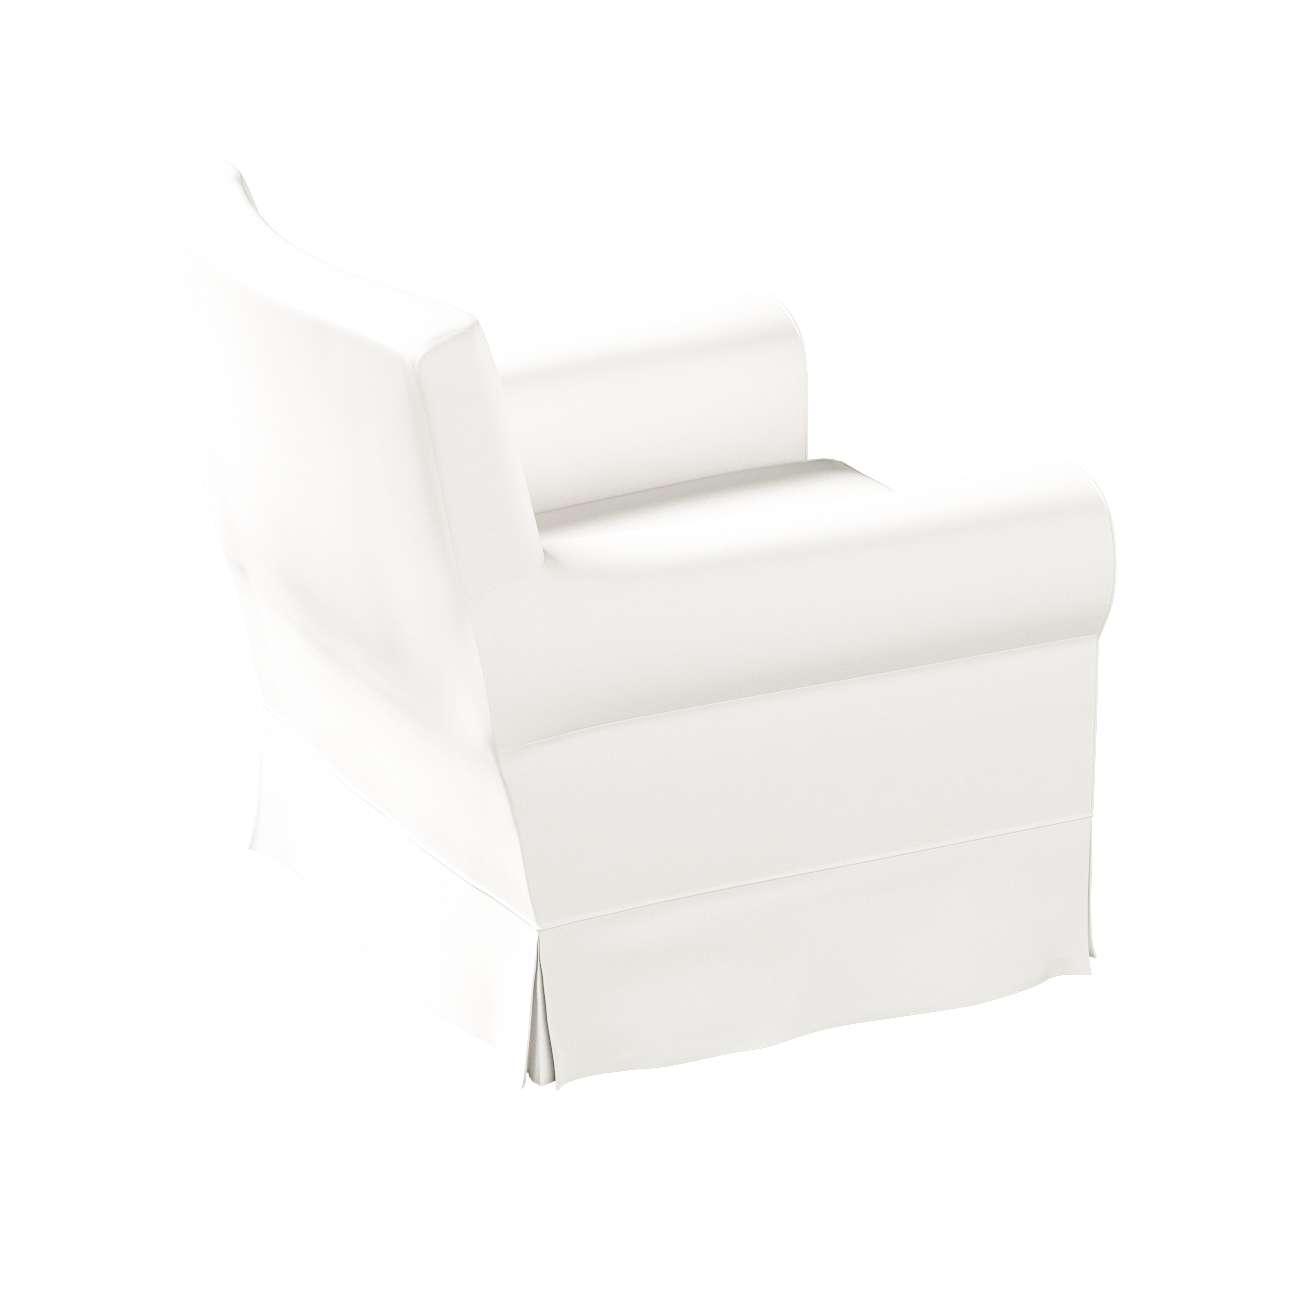 Pokrowiec na fotel Ektorp Jennylund w kolekcji Cotton Panama, tkanina: 702-34